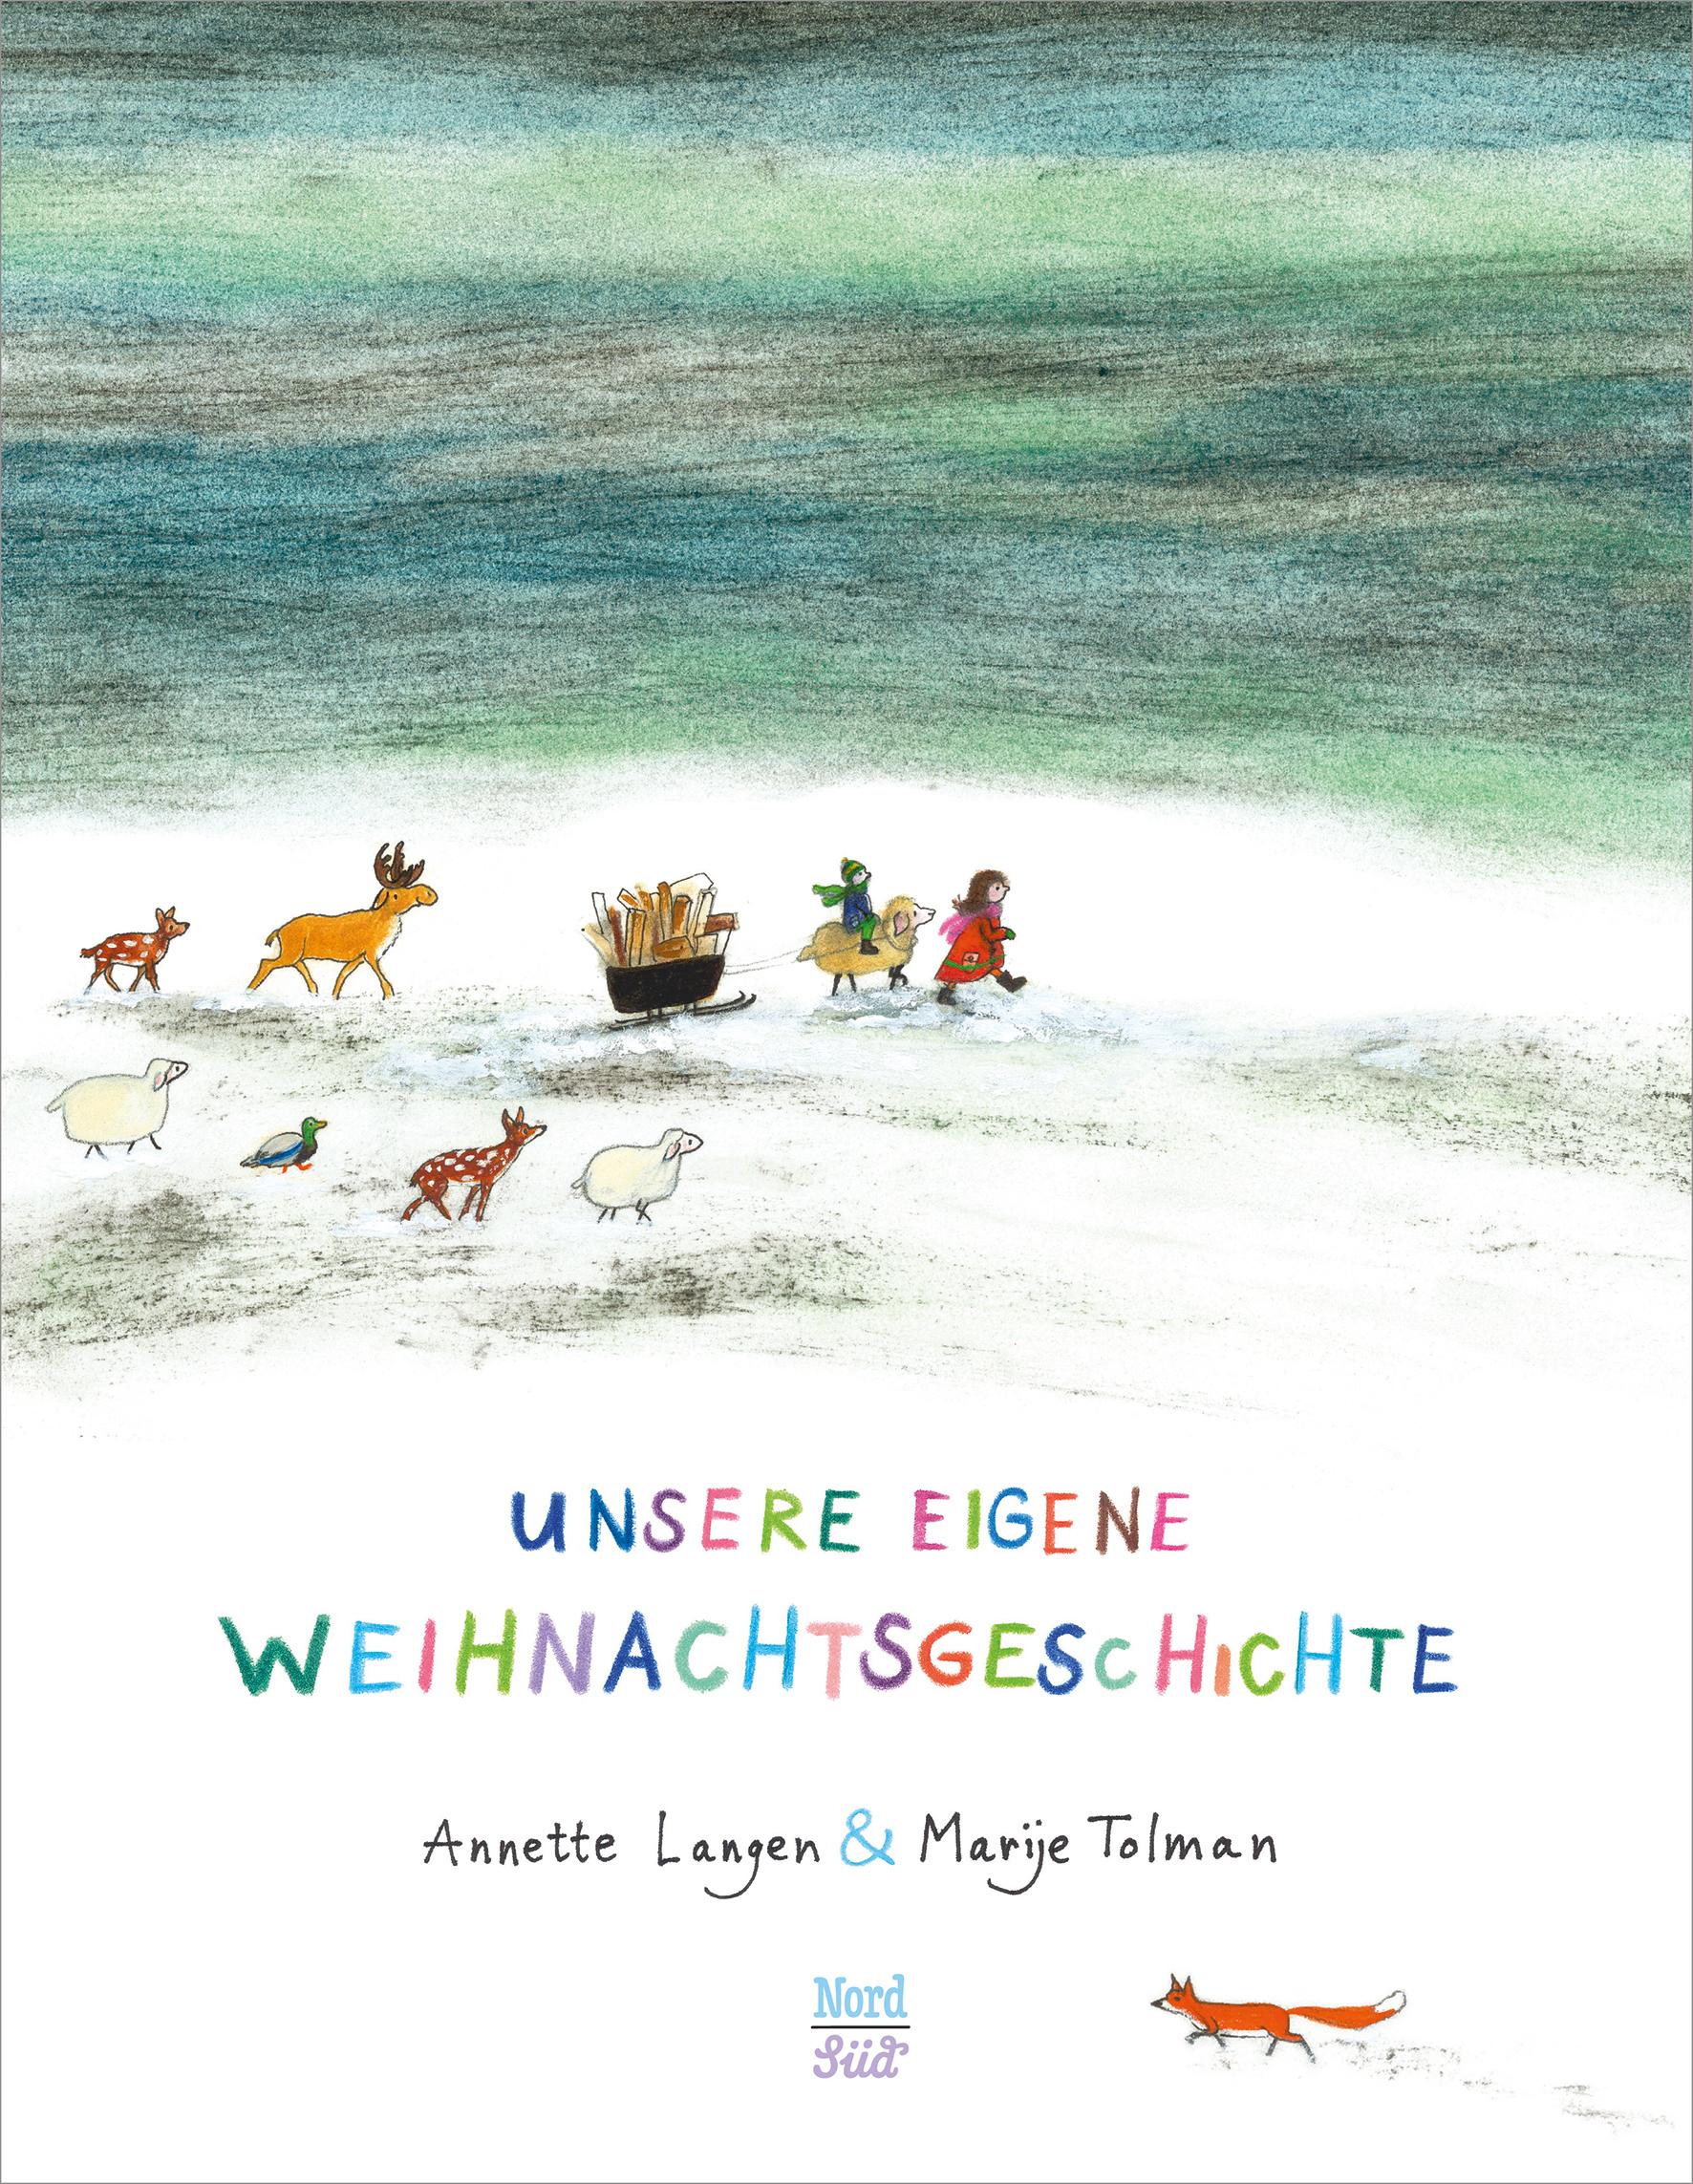 Unsere Eigene Weihnachtsgeschichte - Kinderbuchlesen.de über Weihnachtsgeschichte Für Kindergartenkinder Zum Nachspielen